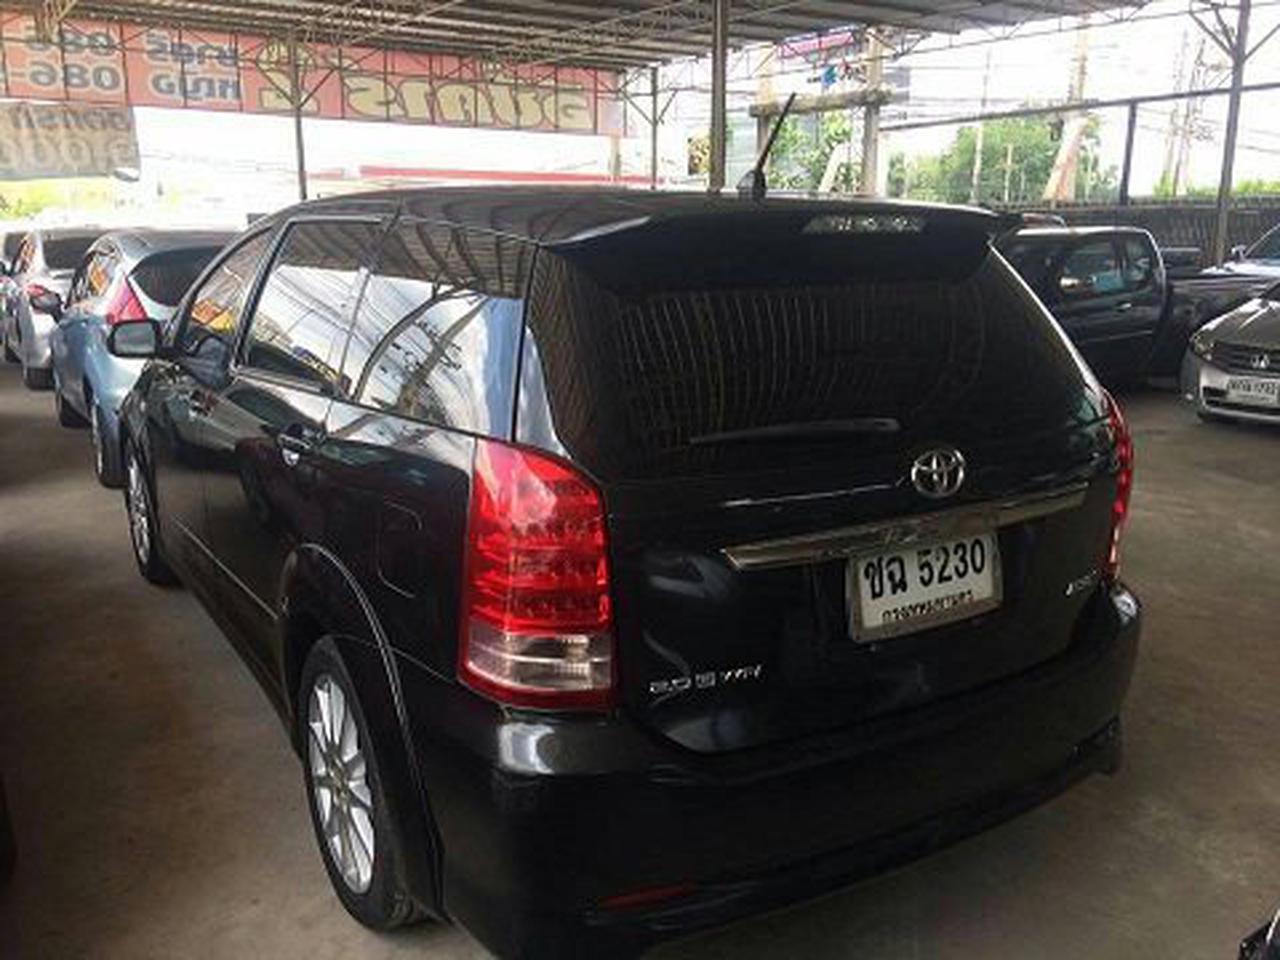 Toyota Wish ชฉ5230 รูปที่ 4